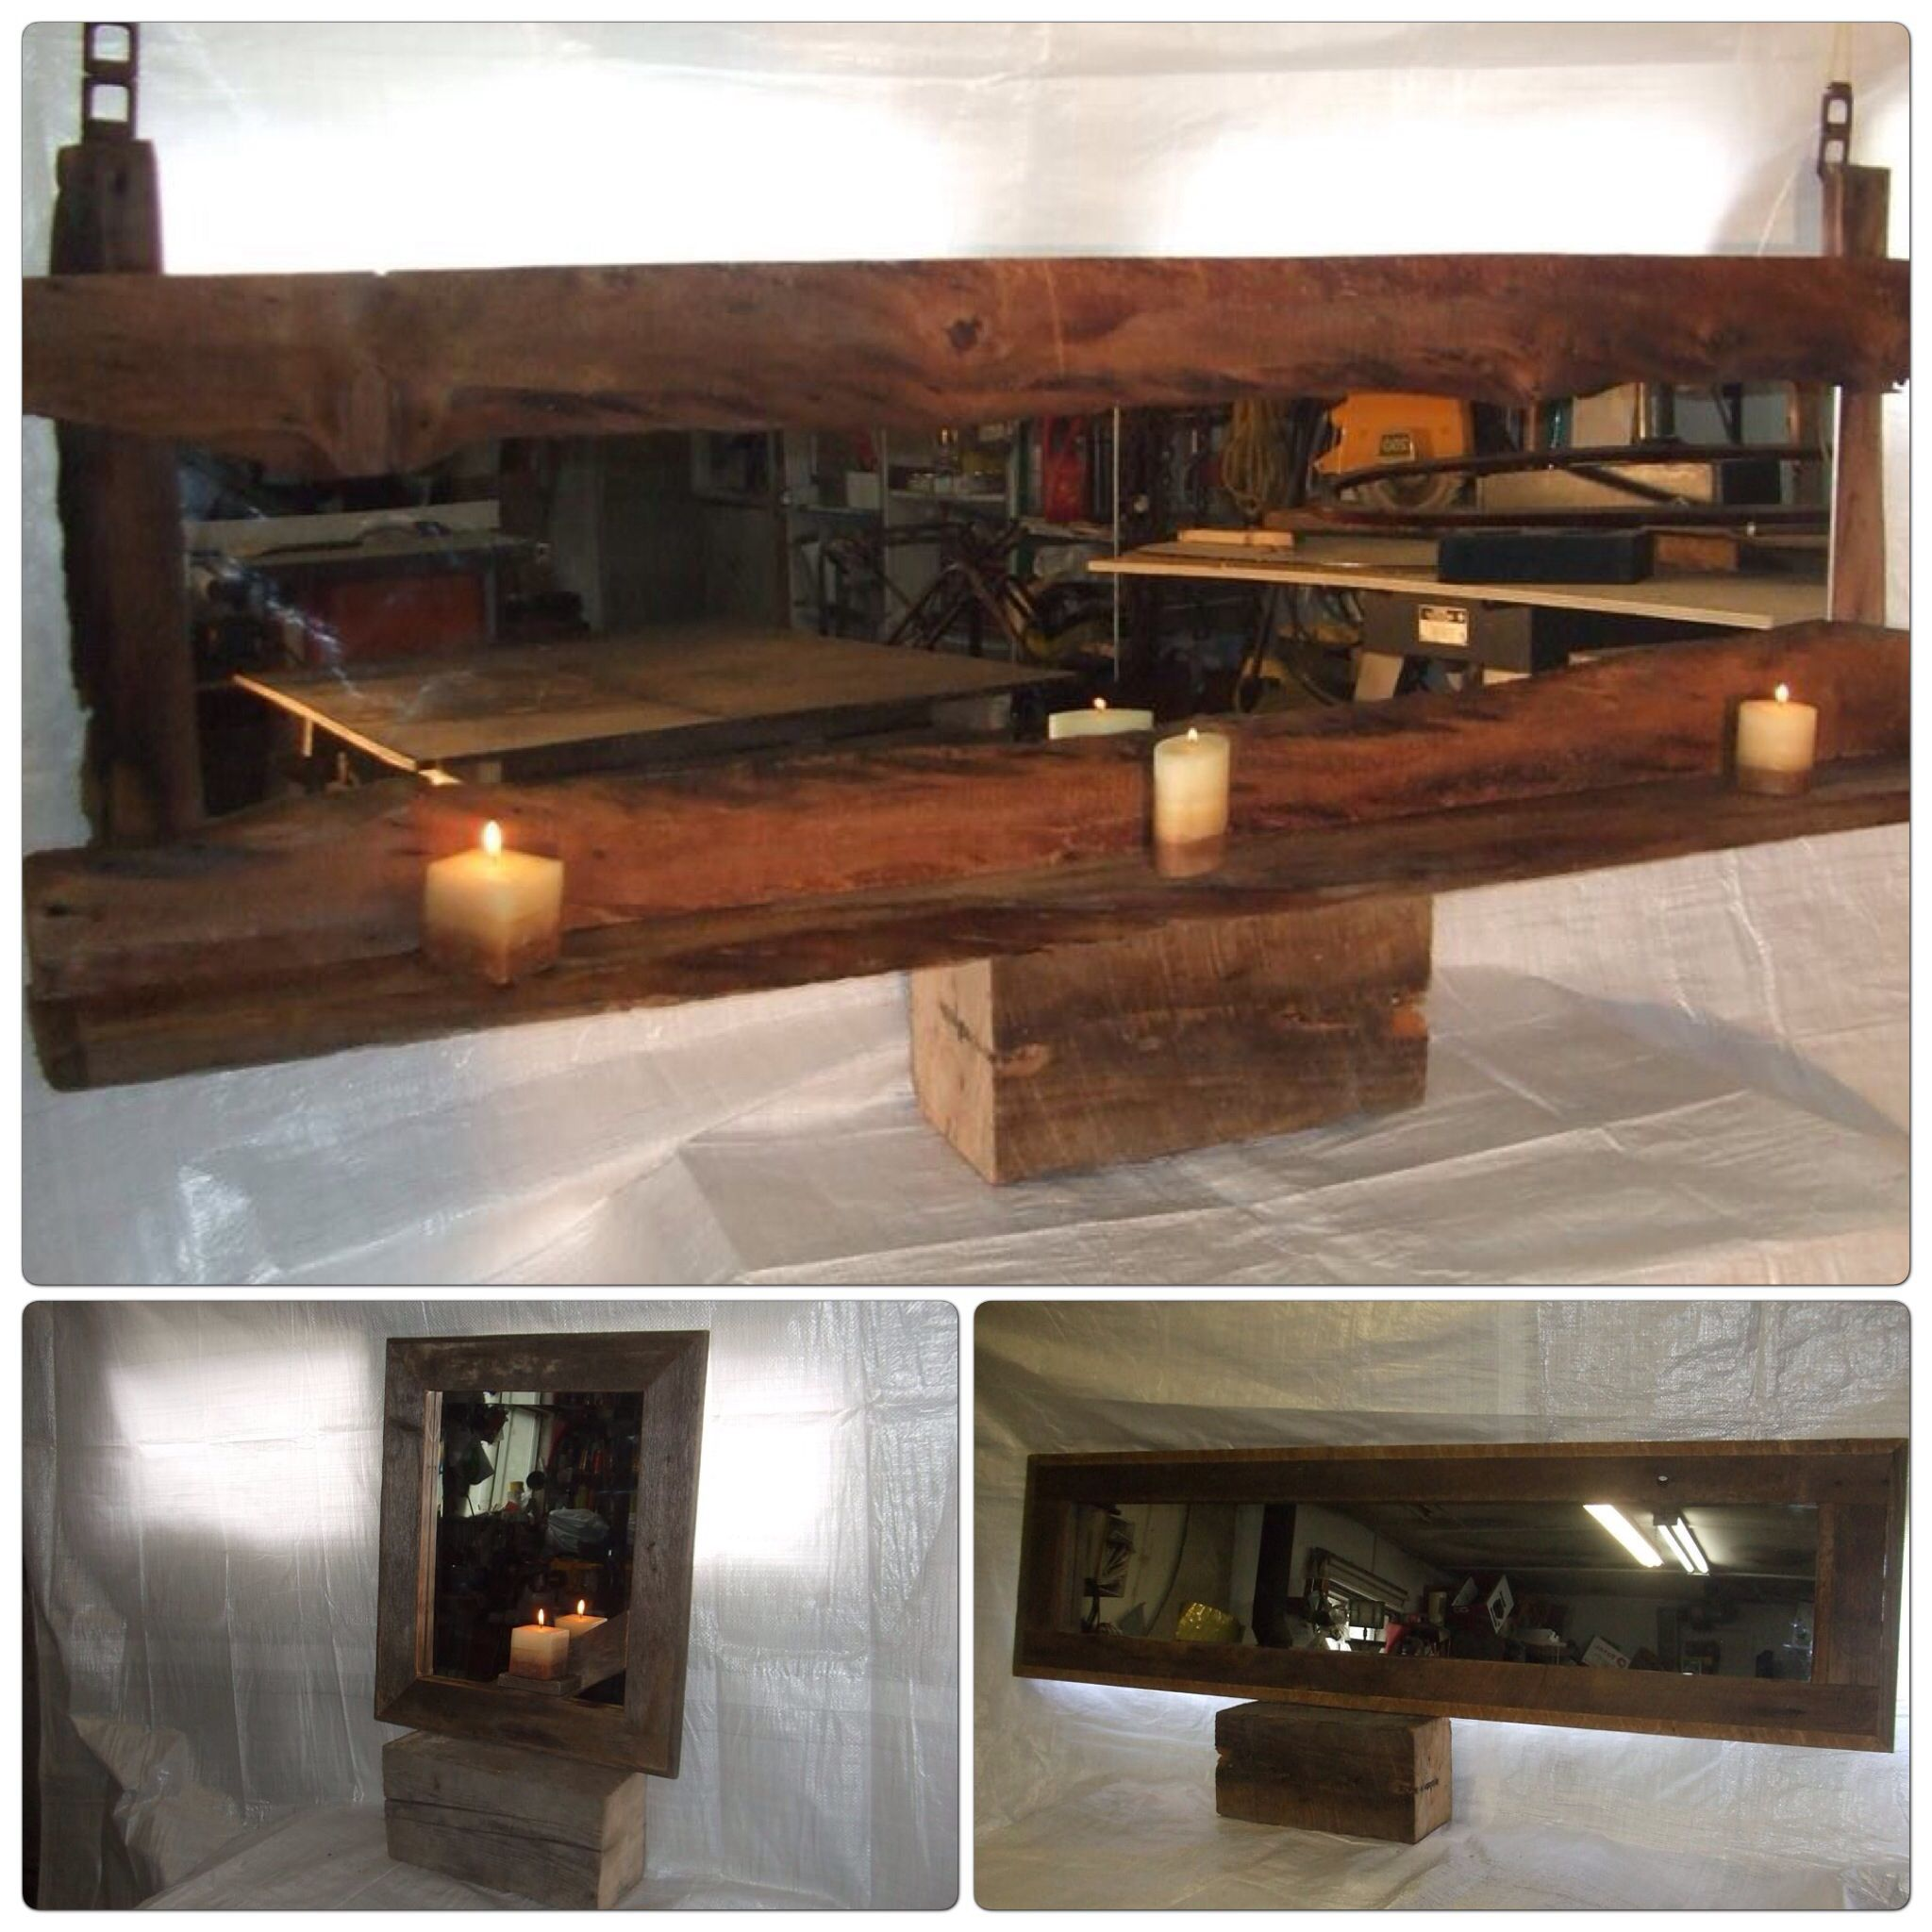 miroir unique tablette pour chandelle ou autre deco bois. Black Bedroom Furniture Sets. Home Design Ideas